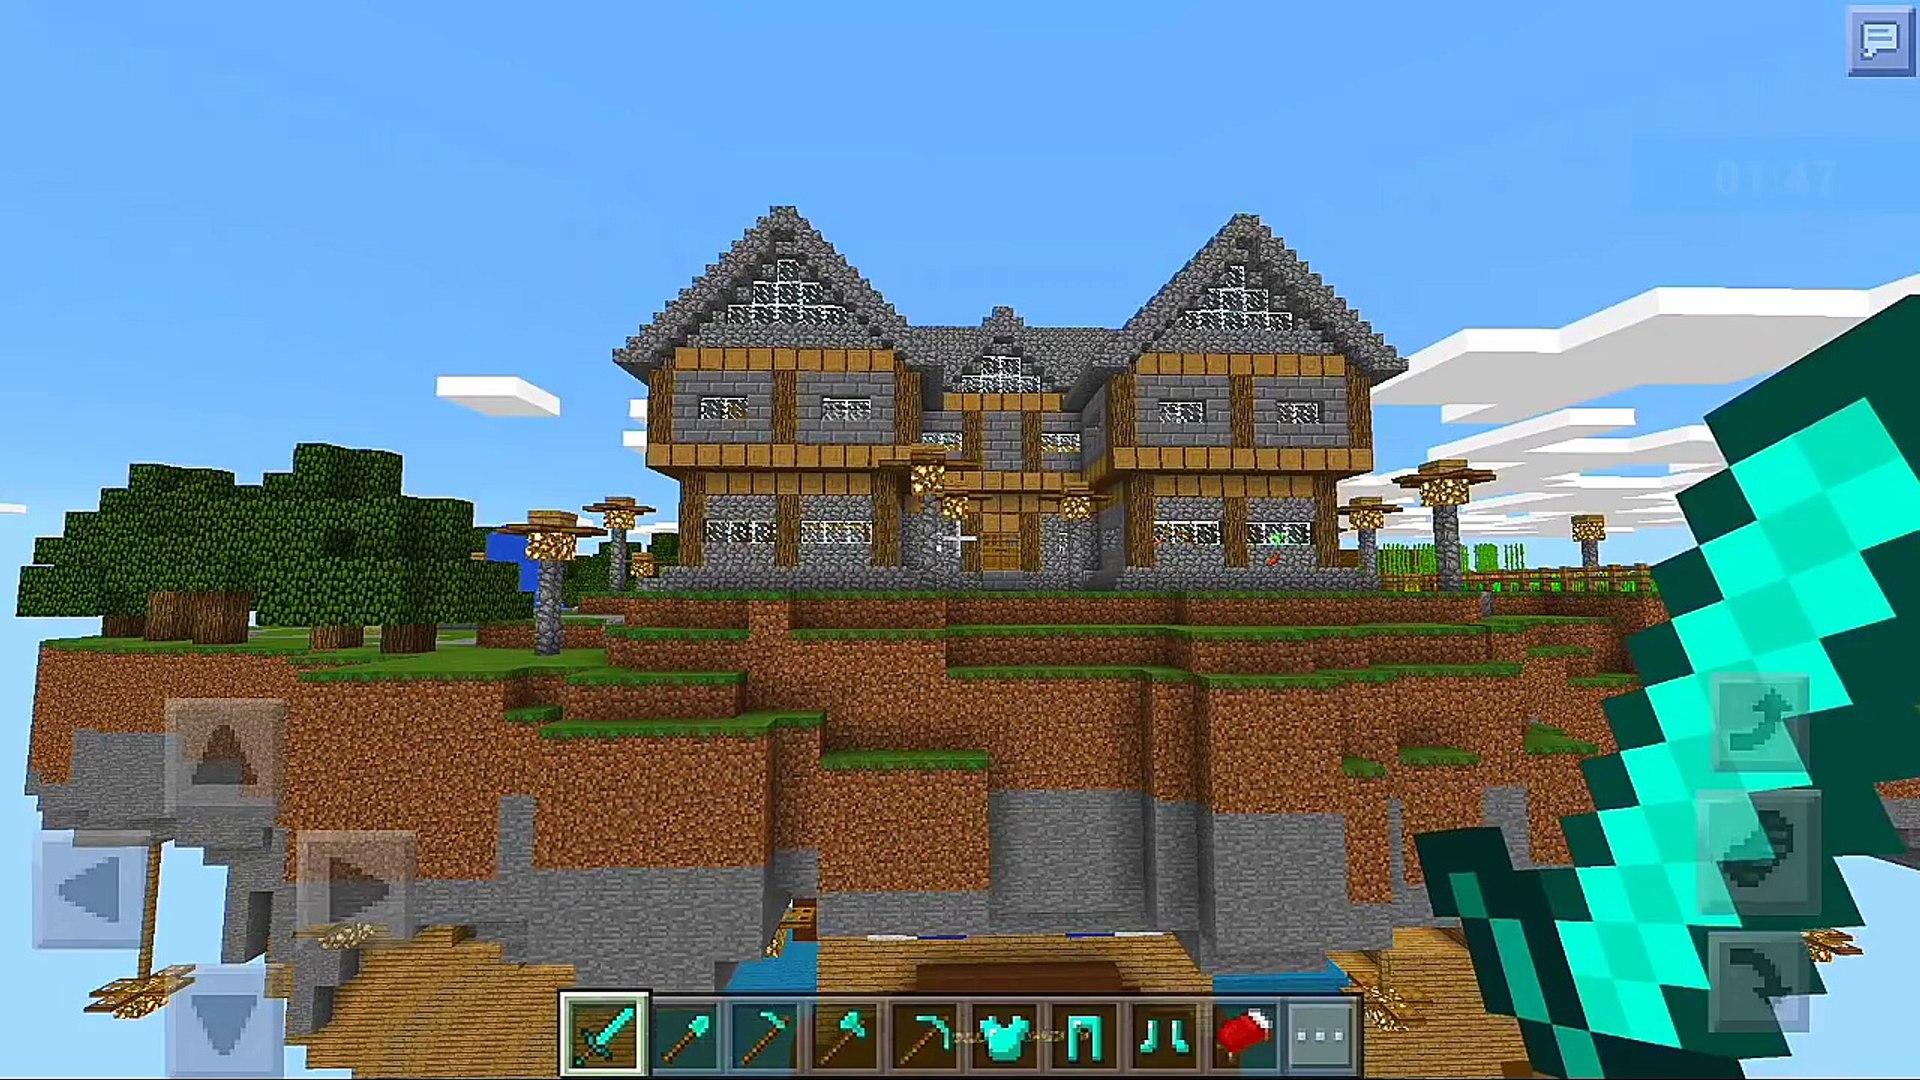 Mira Esta increible Construcción | Minecraft PE 0 15 6